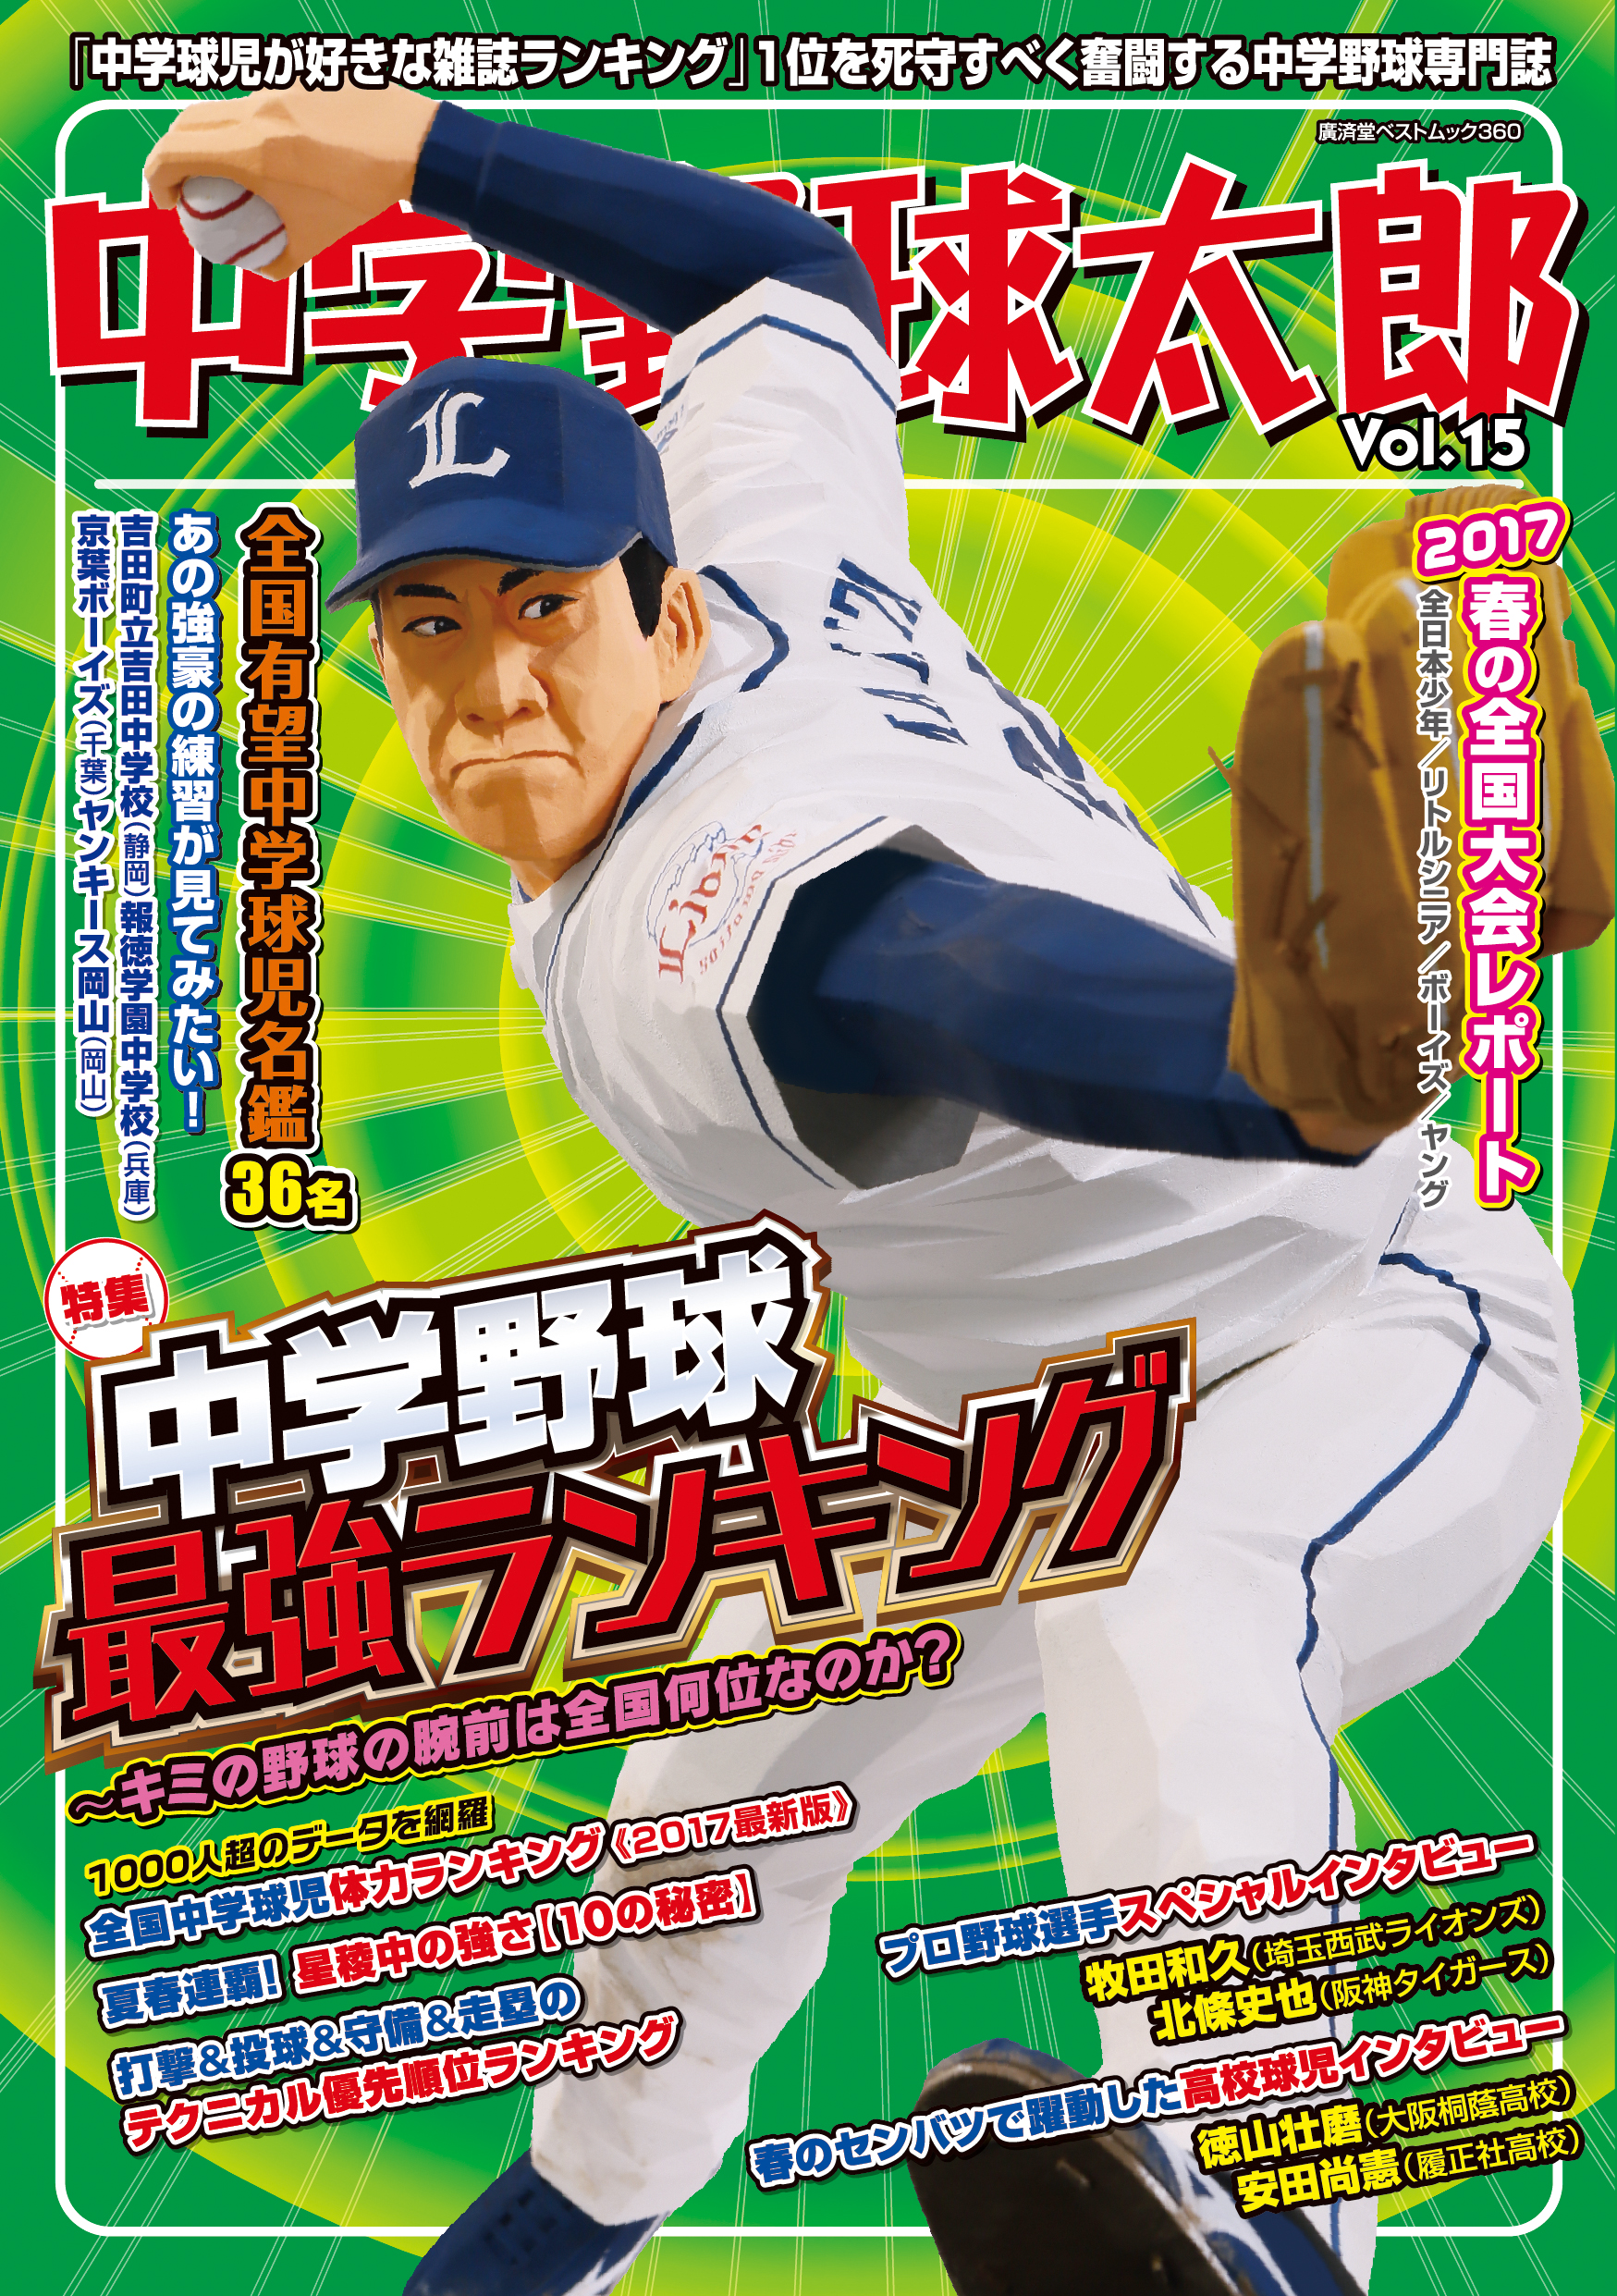 『中学野球太郎 VOL.15【特集】中学野球最強ランキング』は絶賛発売中です!